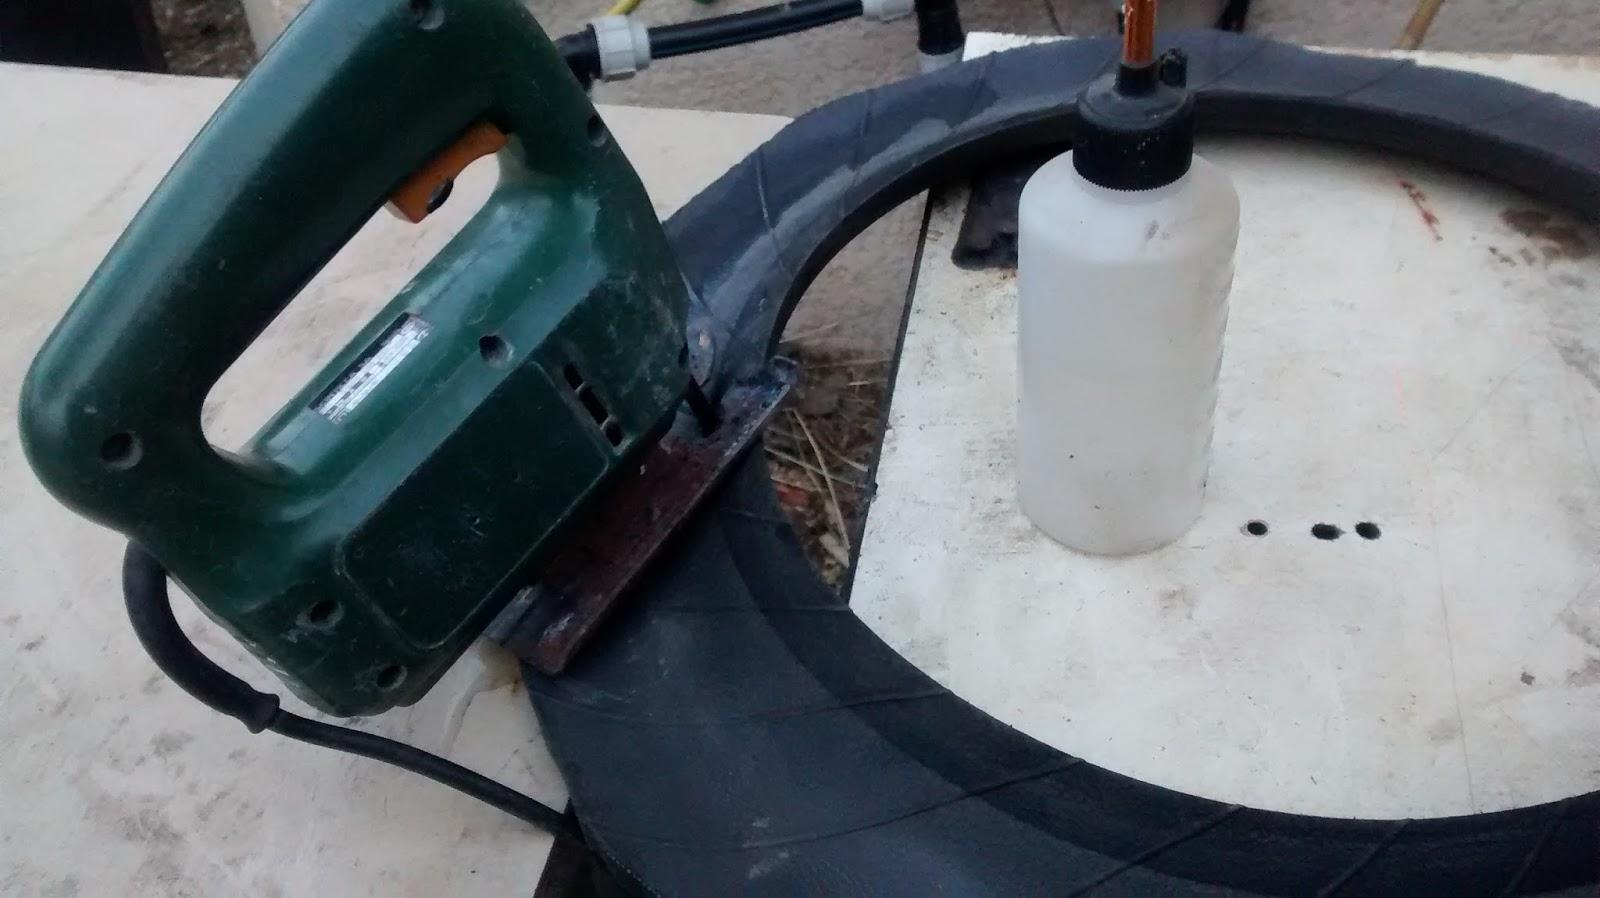 Grinchou blog d couper facilement du caoutchouc comme du pneu et ou du rev tement d 39 aire de jeux - Comment couper une courgette ...